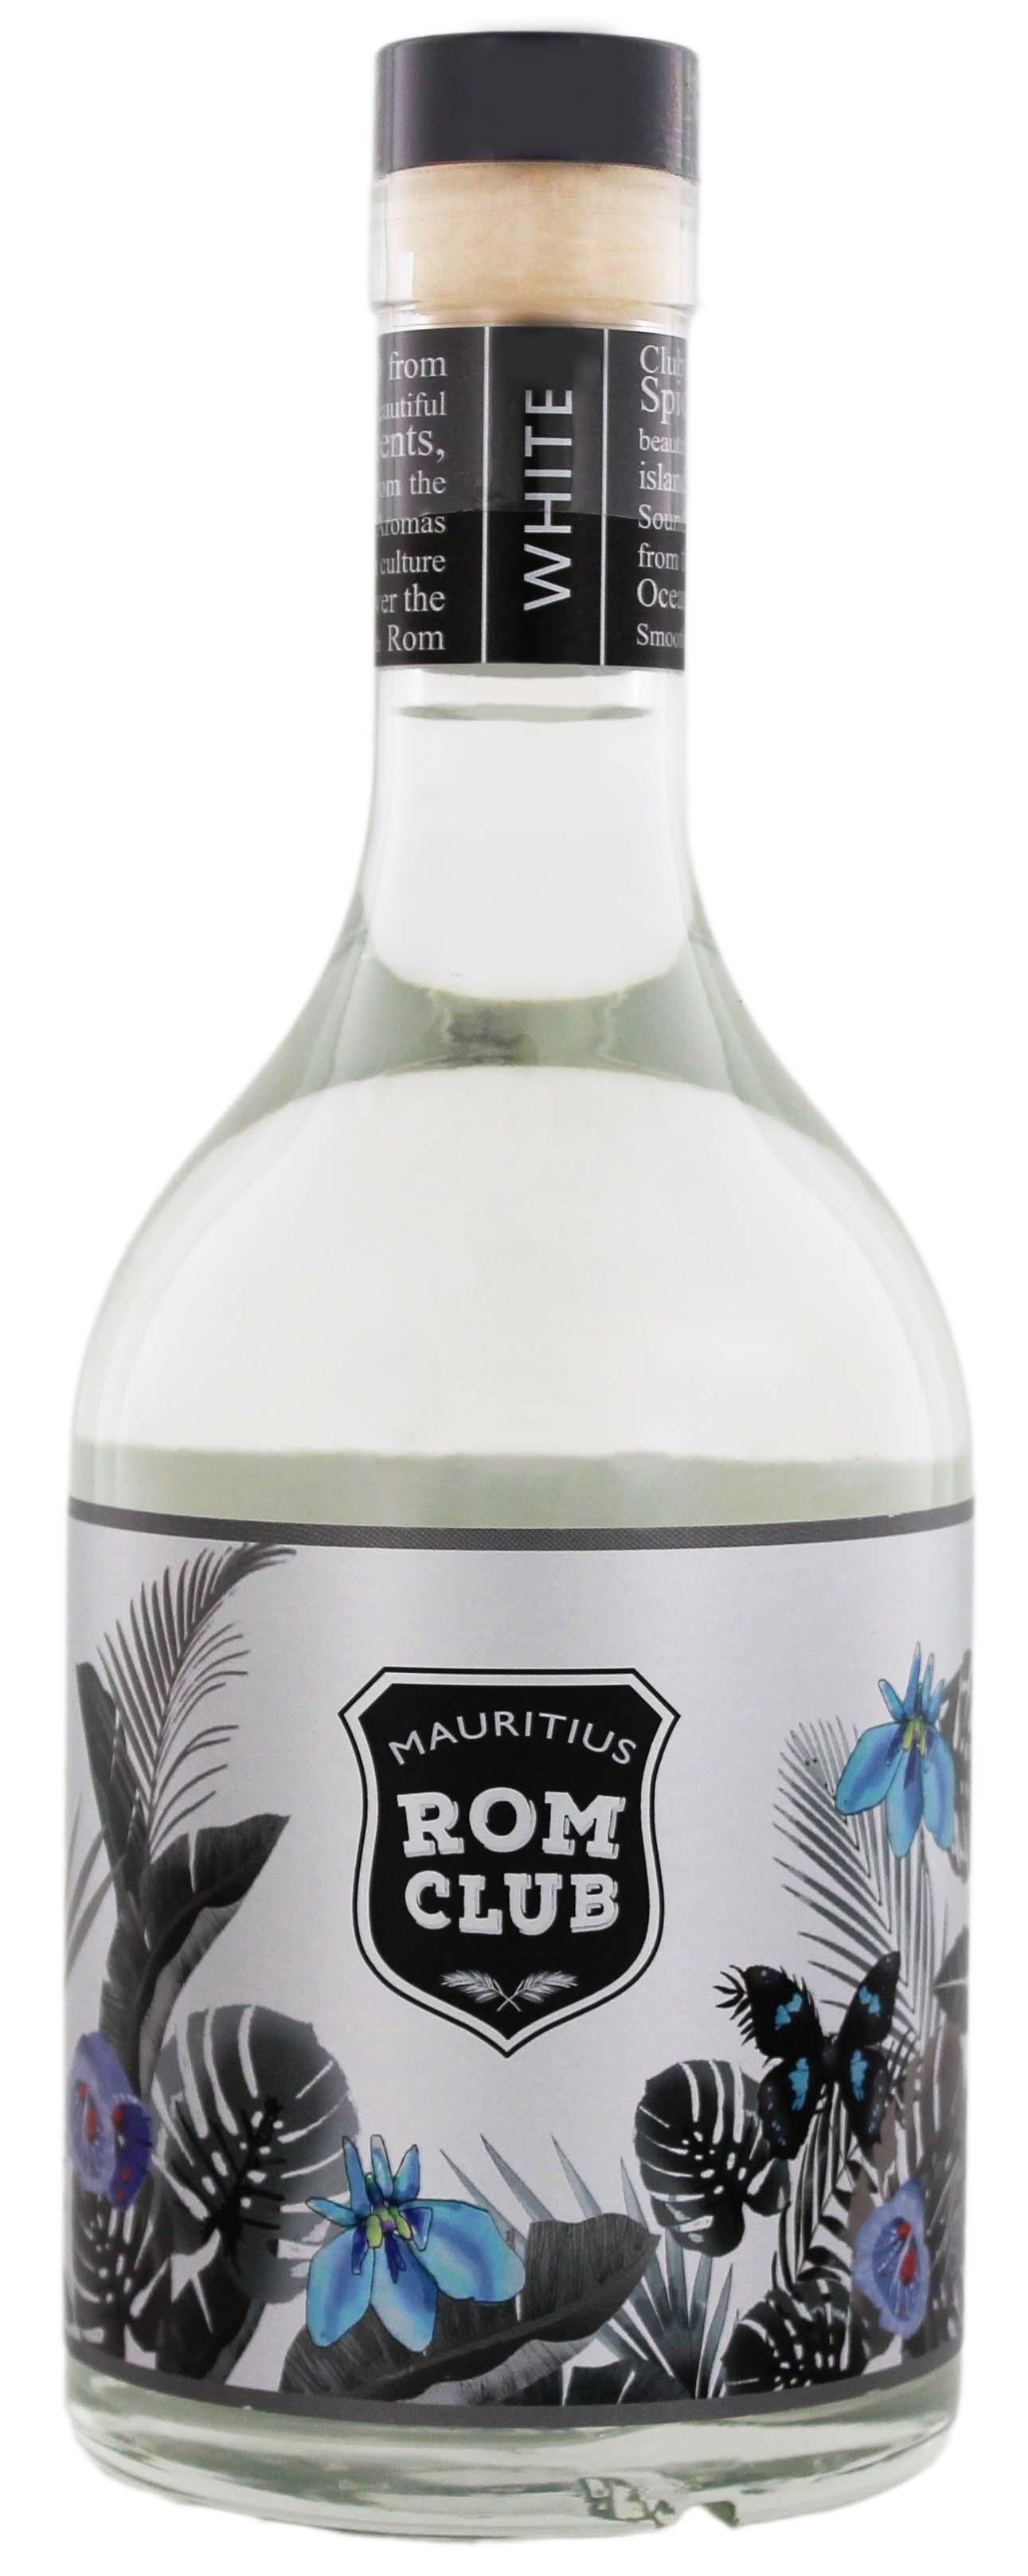 Mauritius Rom Club White Rum 0,7L